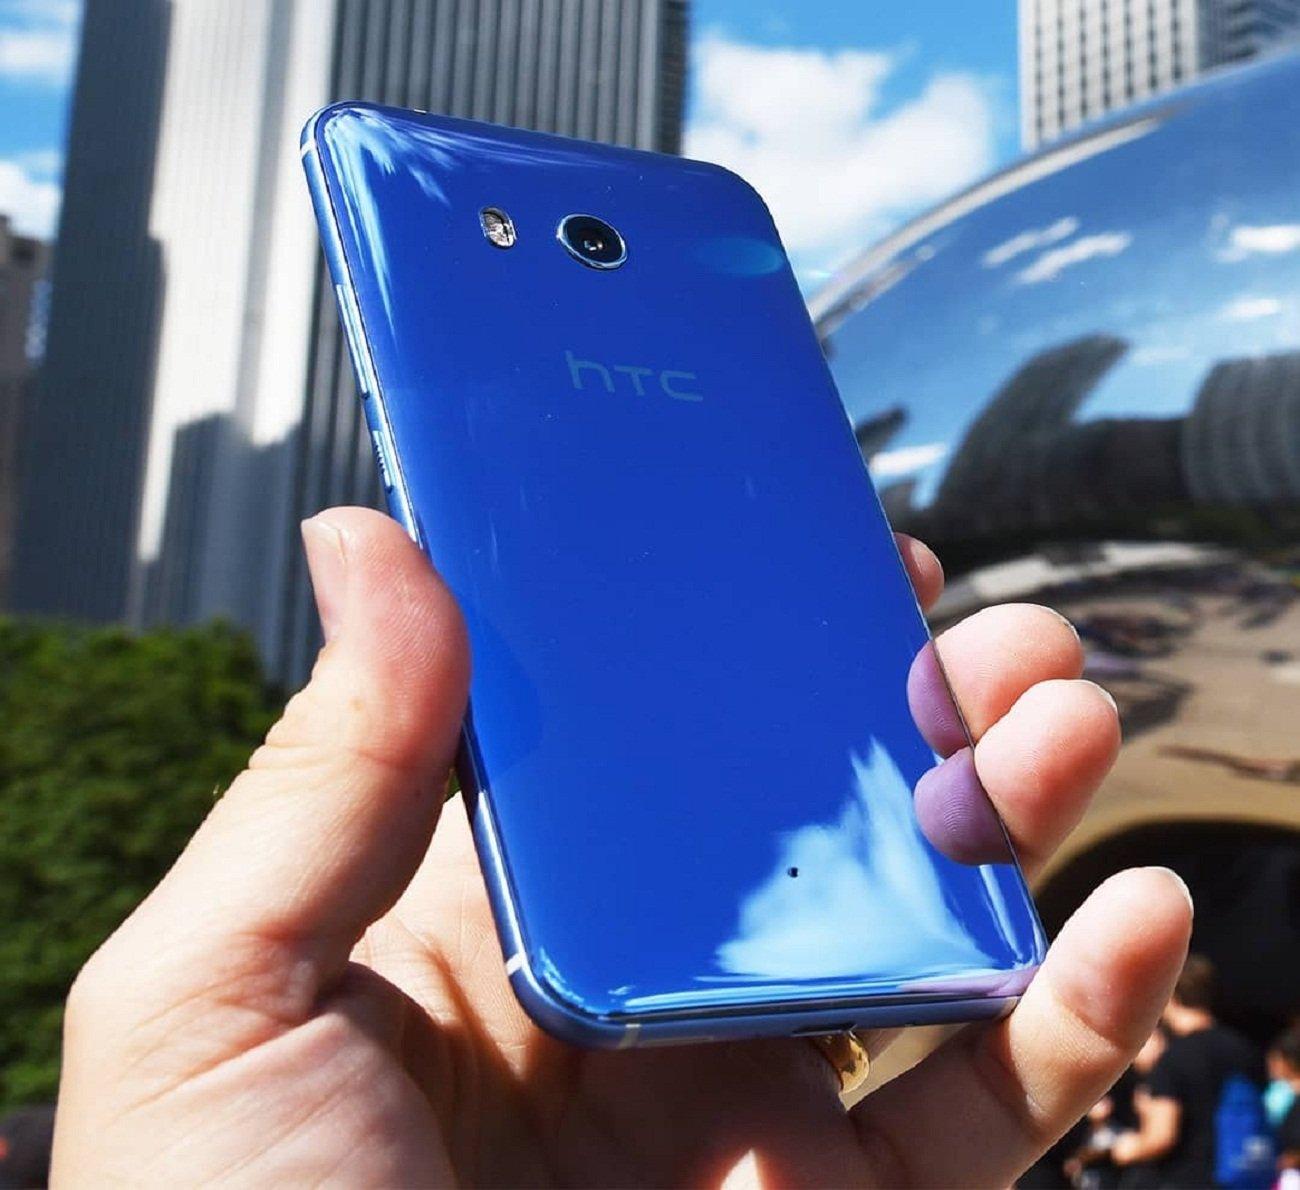 Названы дата премьеры ицена смартфона HTC U12+